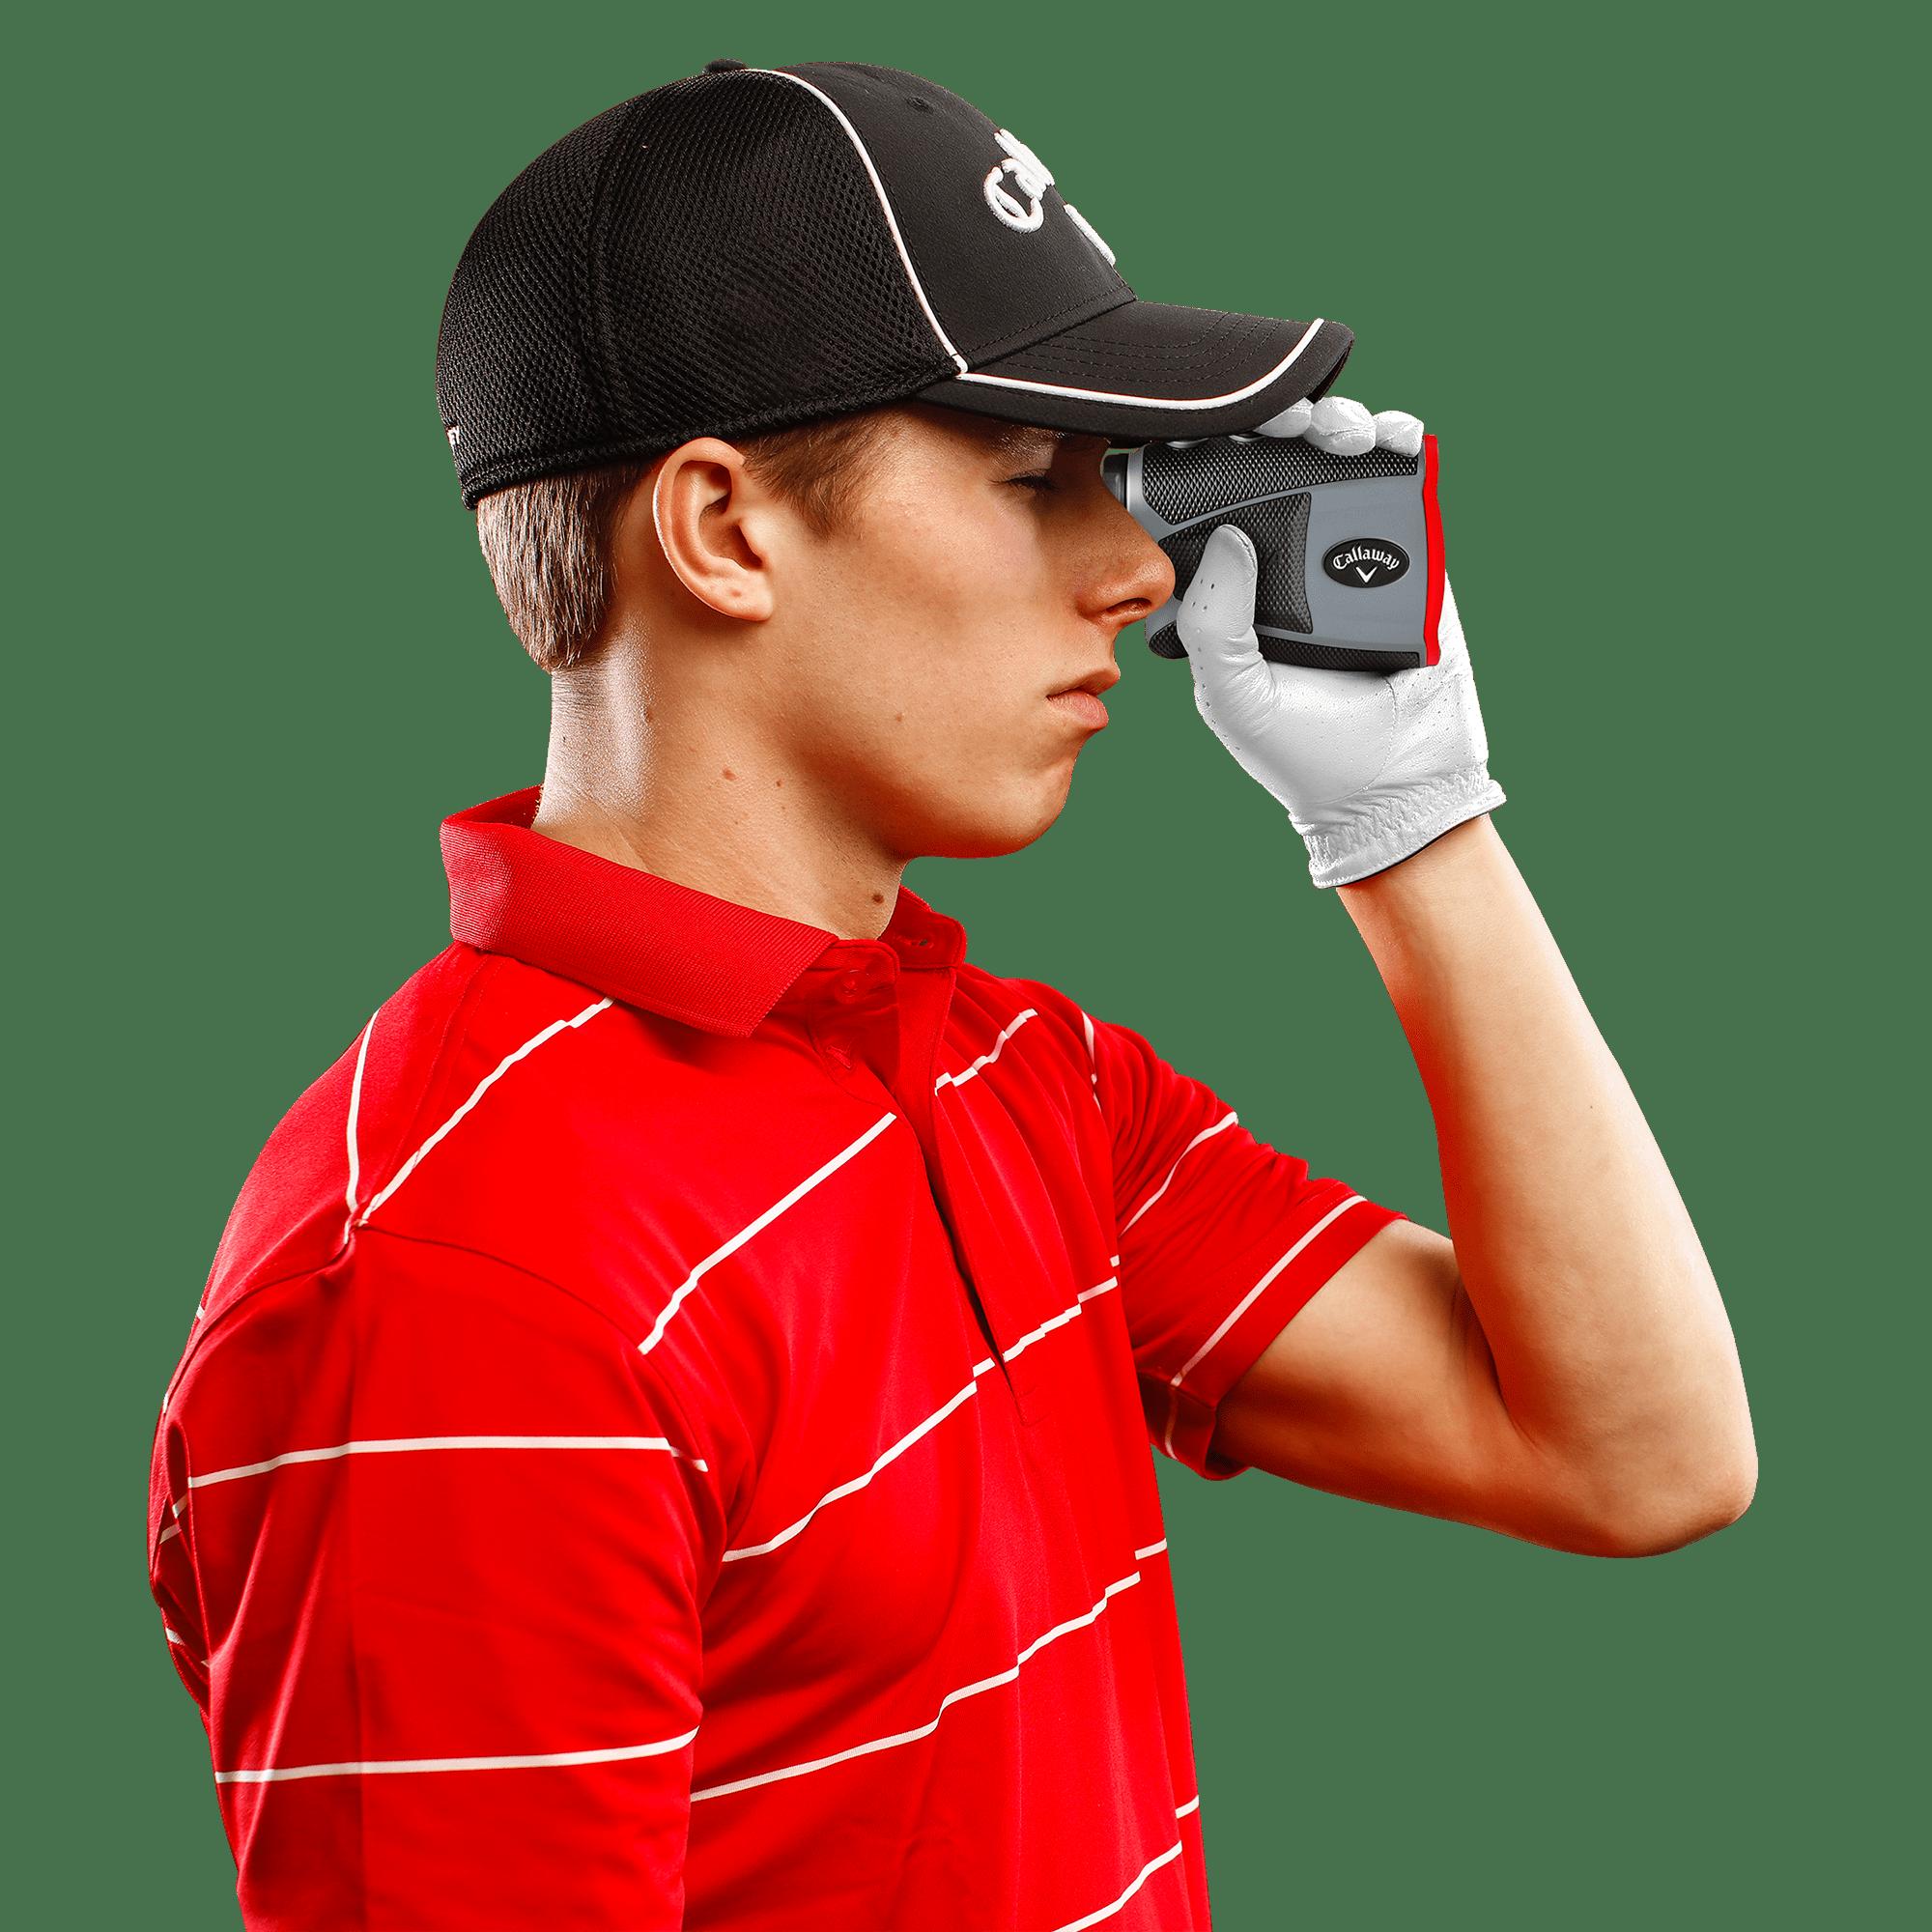 300 Pro Laser Rangefinder - View 3